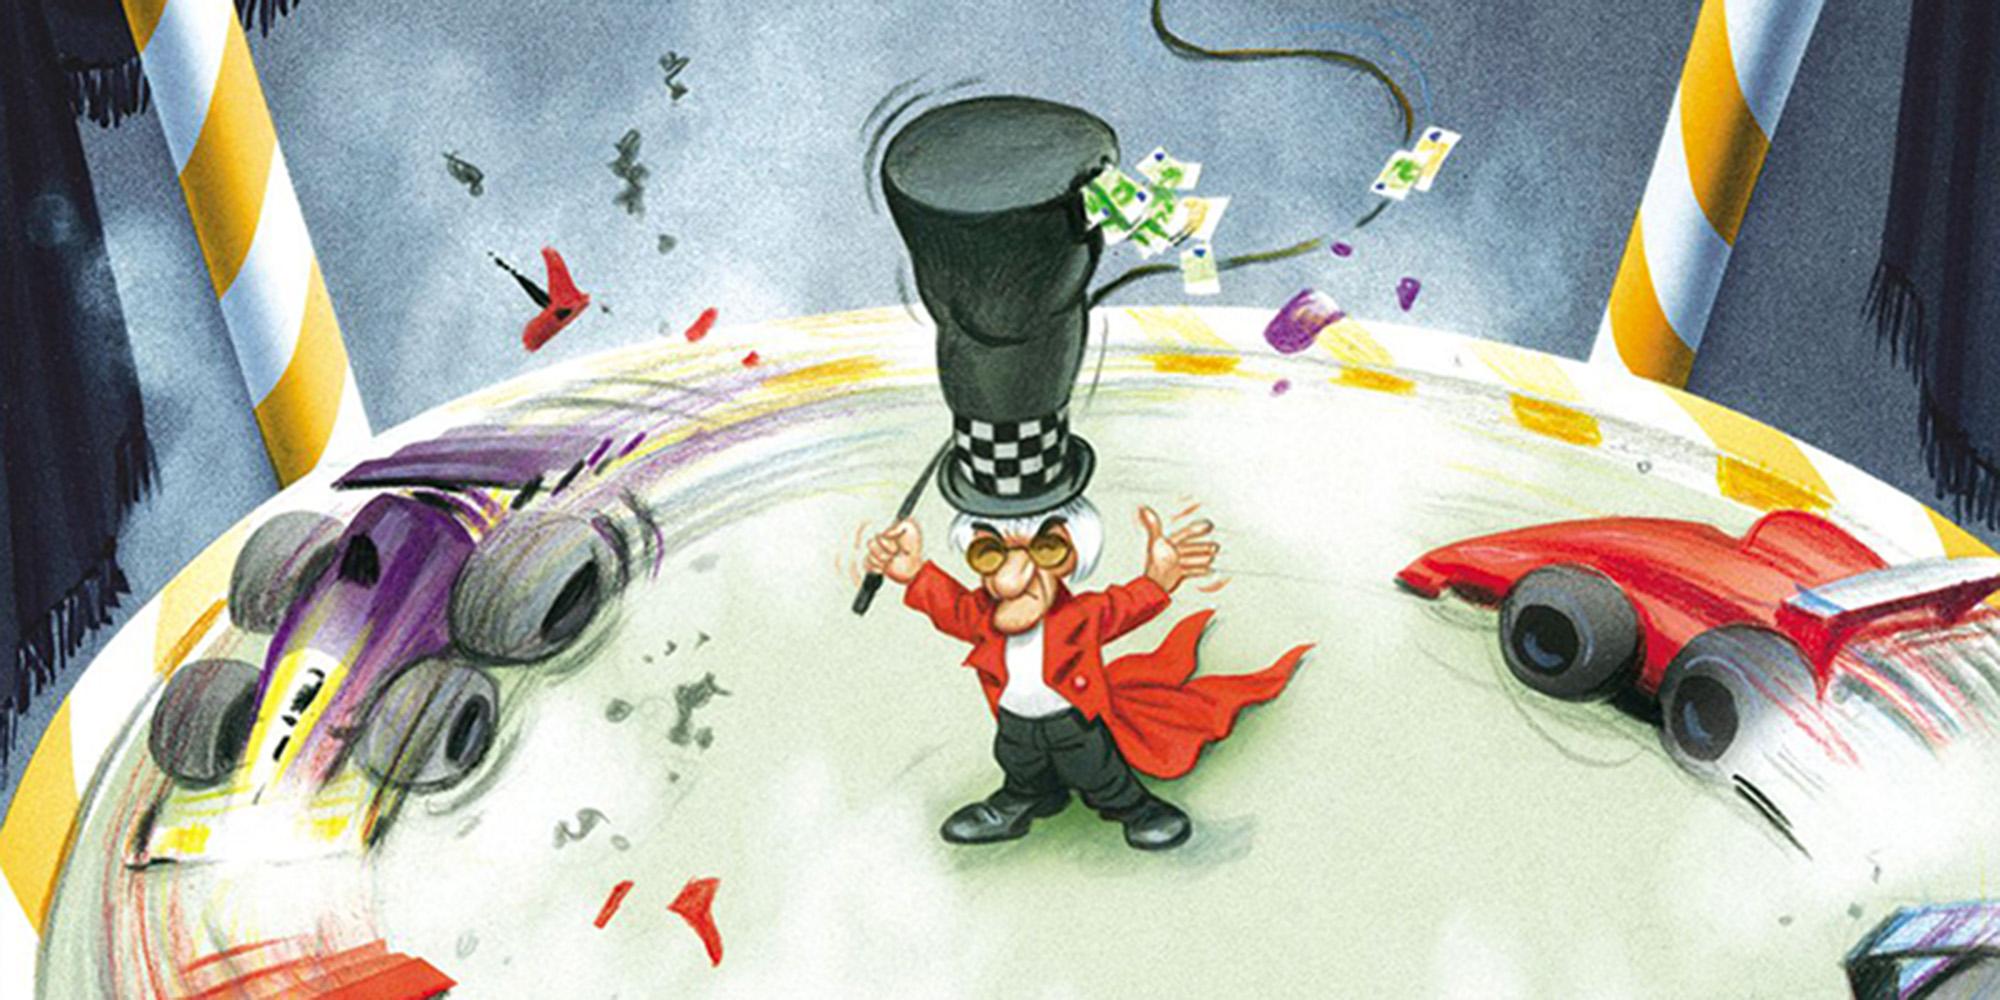 Bruno Haberzettl, Was ist das? Verpestet die Luft, macht Höllenlärm und dreht sich ständig nur im Kreis? – Die Formel 1 in der Krise…, 2015, Bildausschnitt © Bruno Haberzettl, Krone bunt